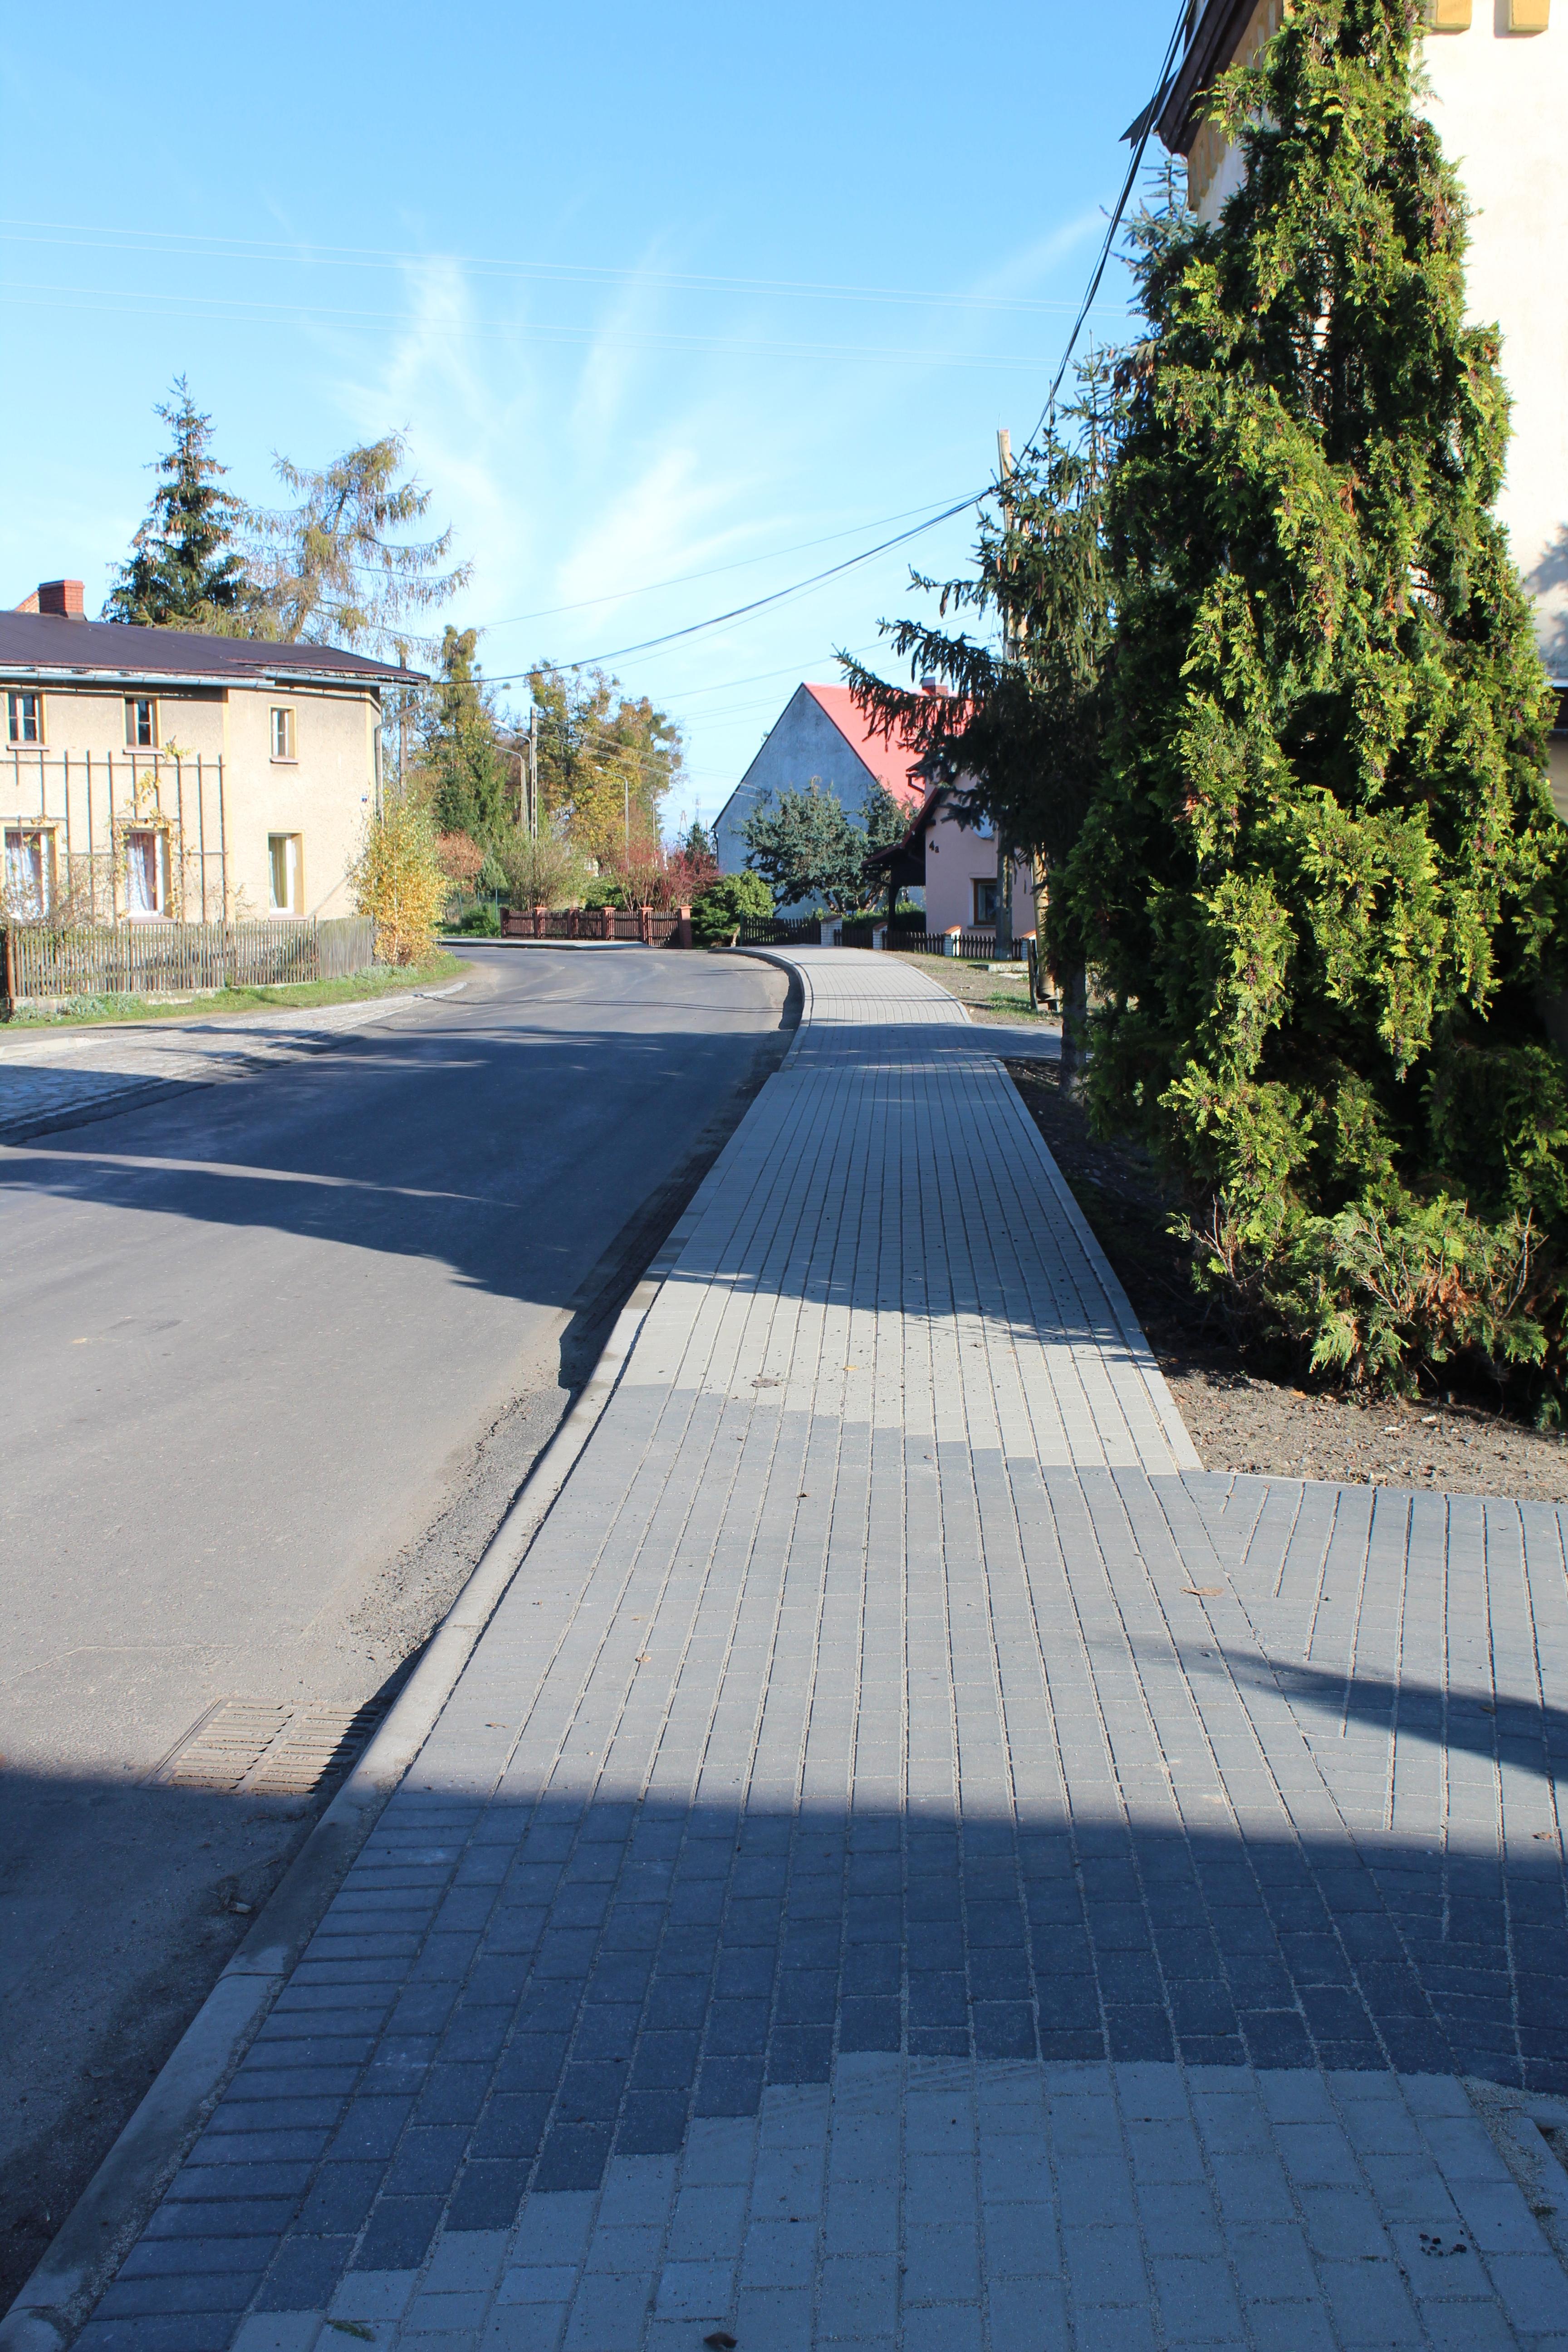 Przebudowa chodnika w miejscowo[ci Rczka w Gminie Korfantów